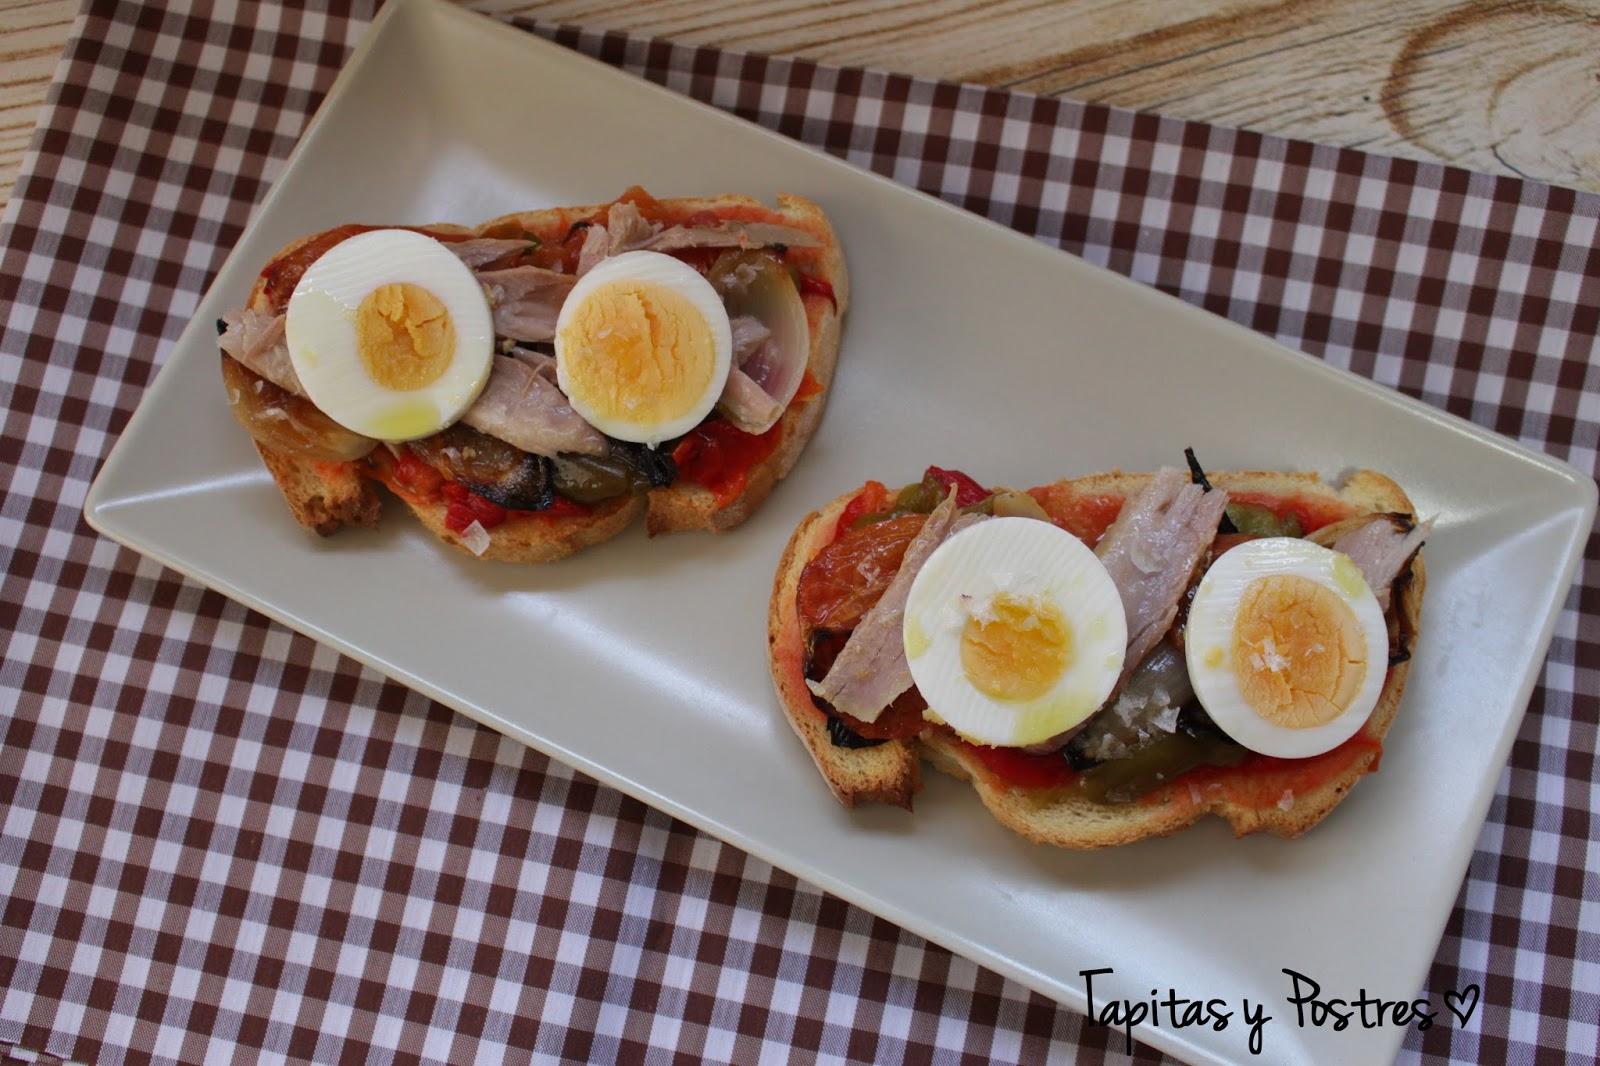 Tapitas y postres tosta de escalivada con salmorejo for Preparar comida rapida